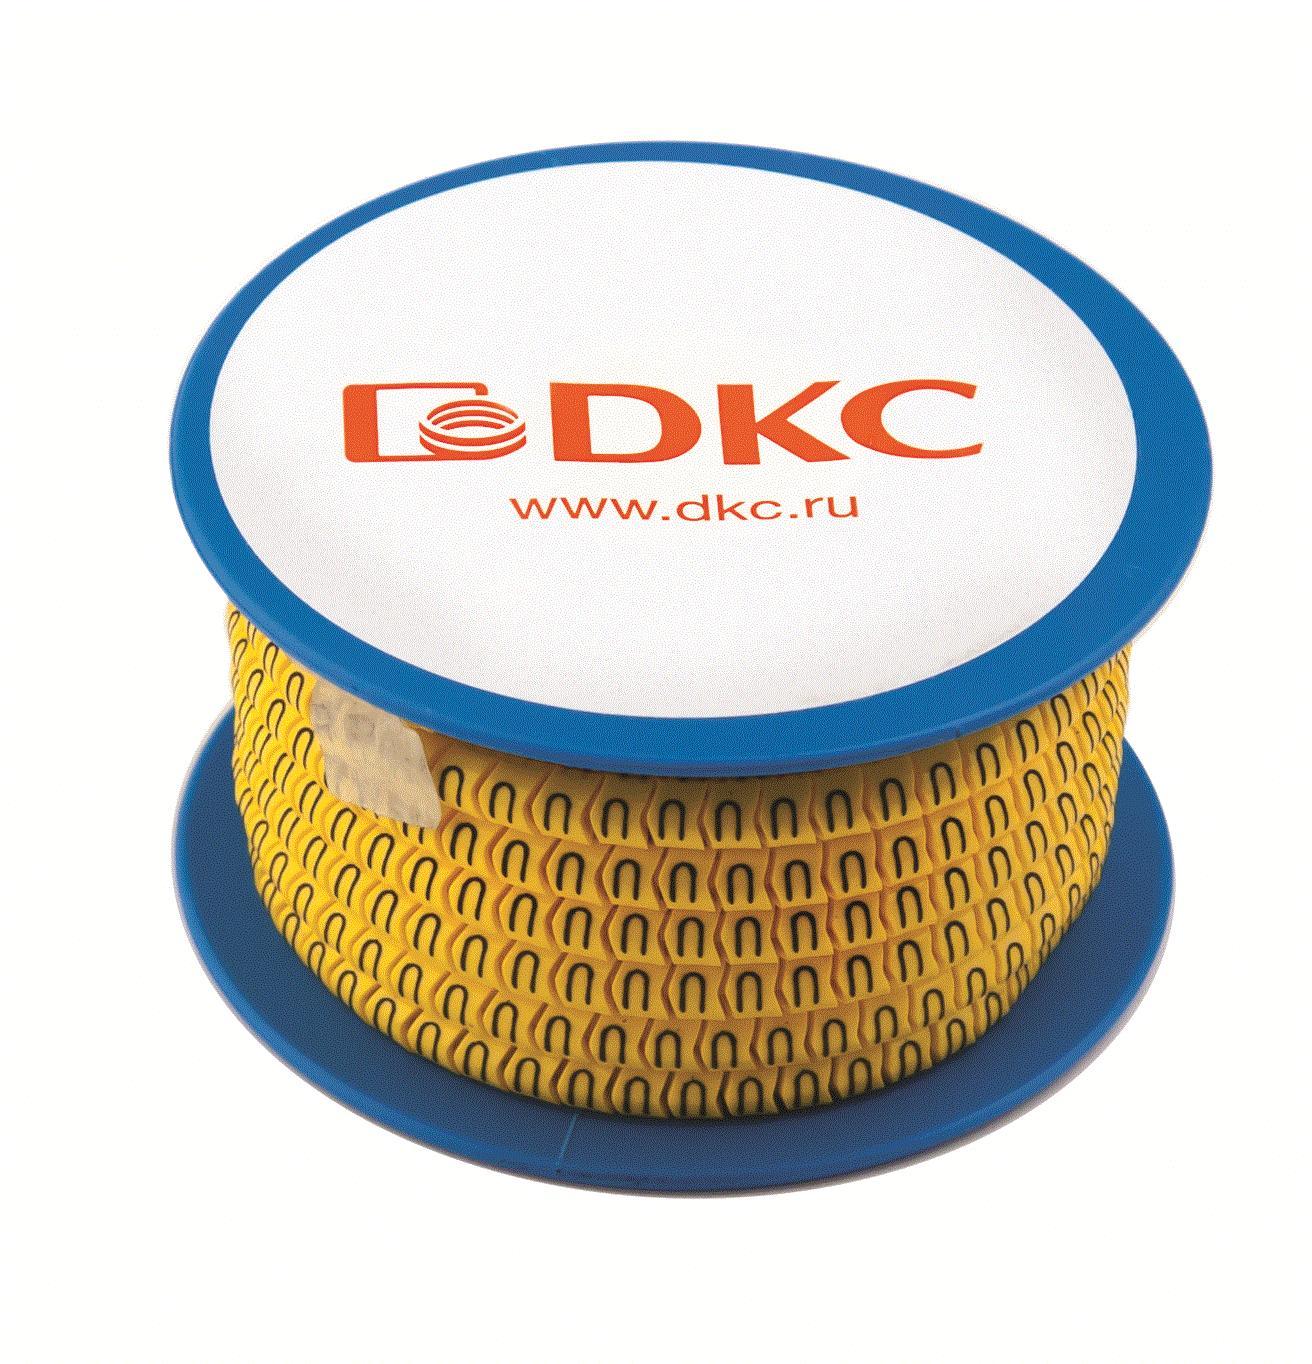 Колечки с черными буквами S на желтом фоне Quadro DKC AZO2SSBY DKC